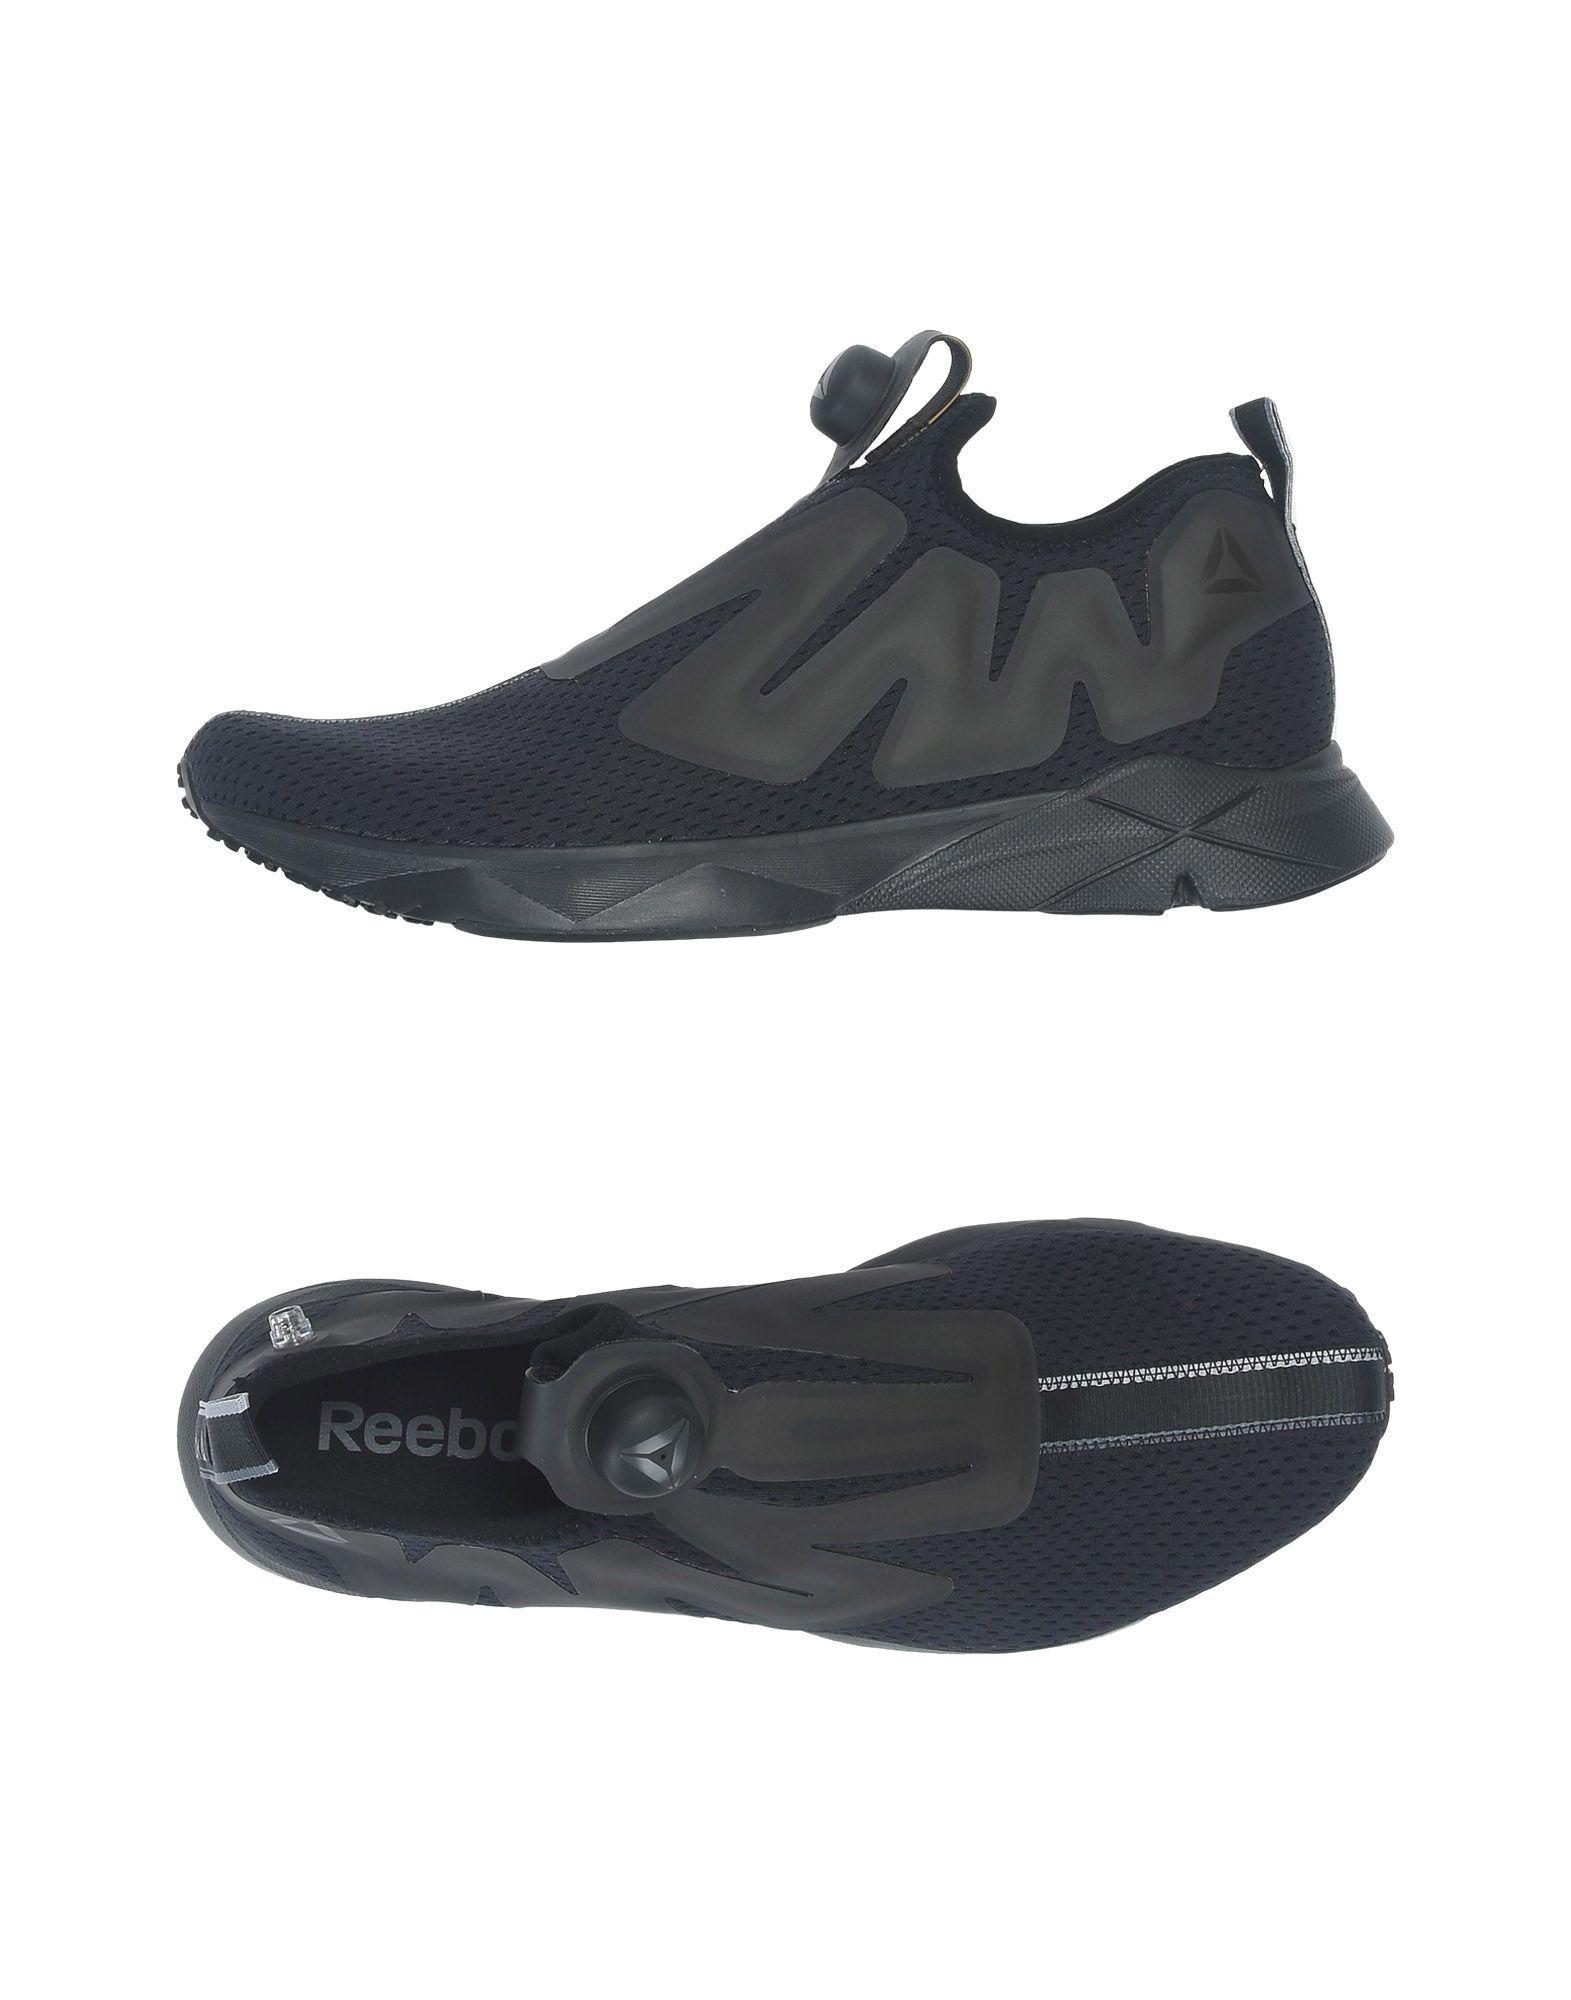 e21753325 Reebok Low-tops   Sneakers in Black for Men - Lyst